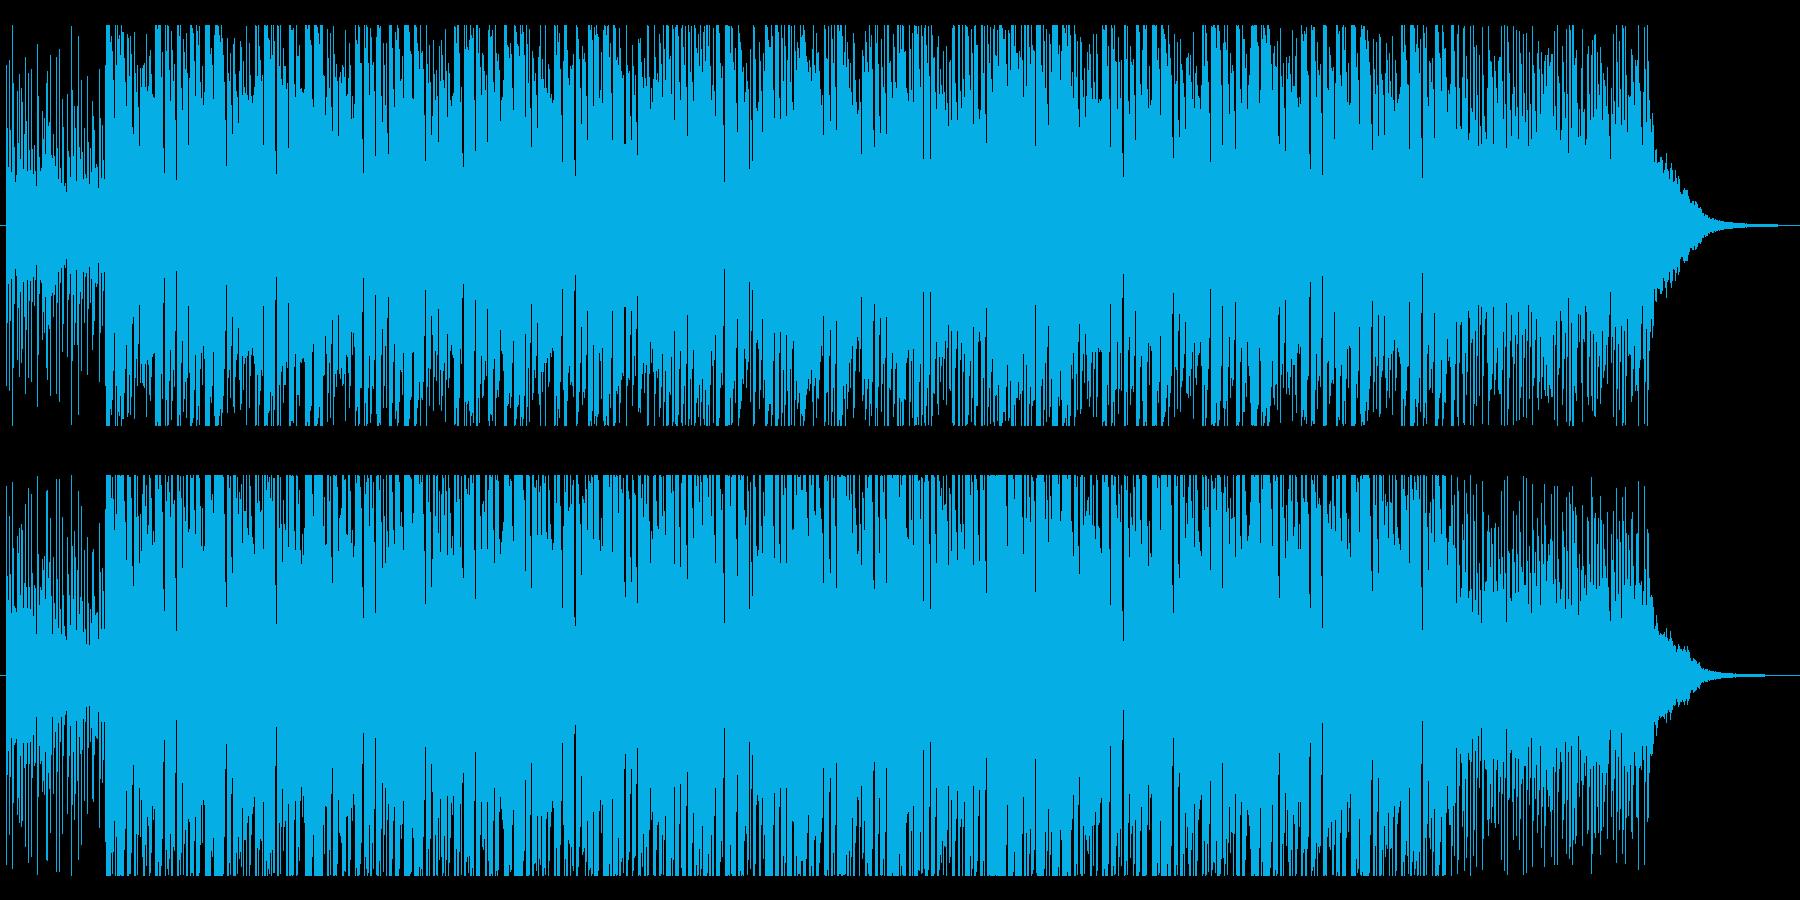 ギターが主役のロックンロールナンバーの再生済みの波形